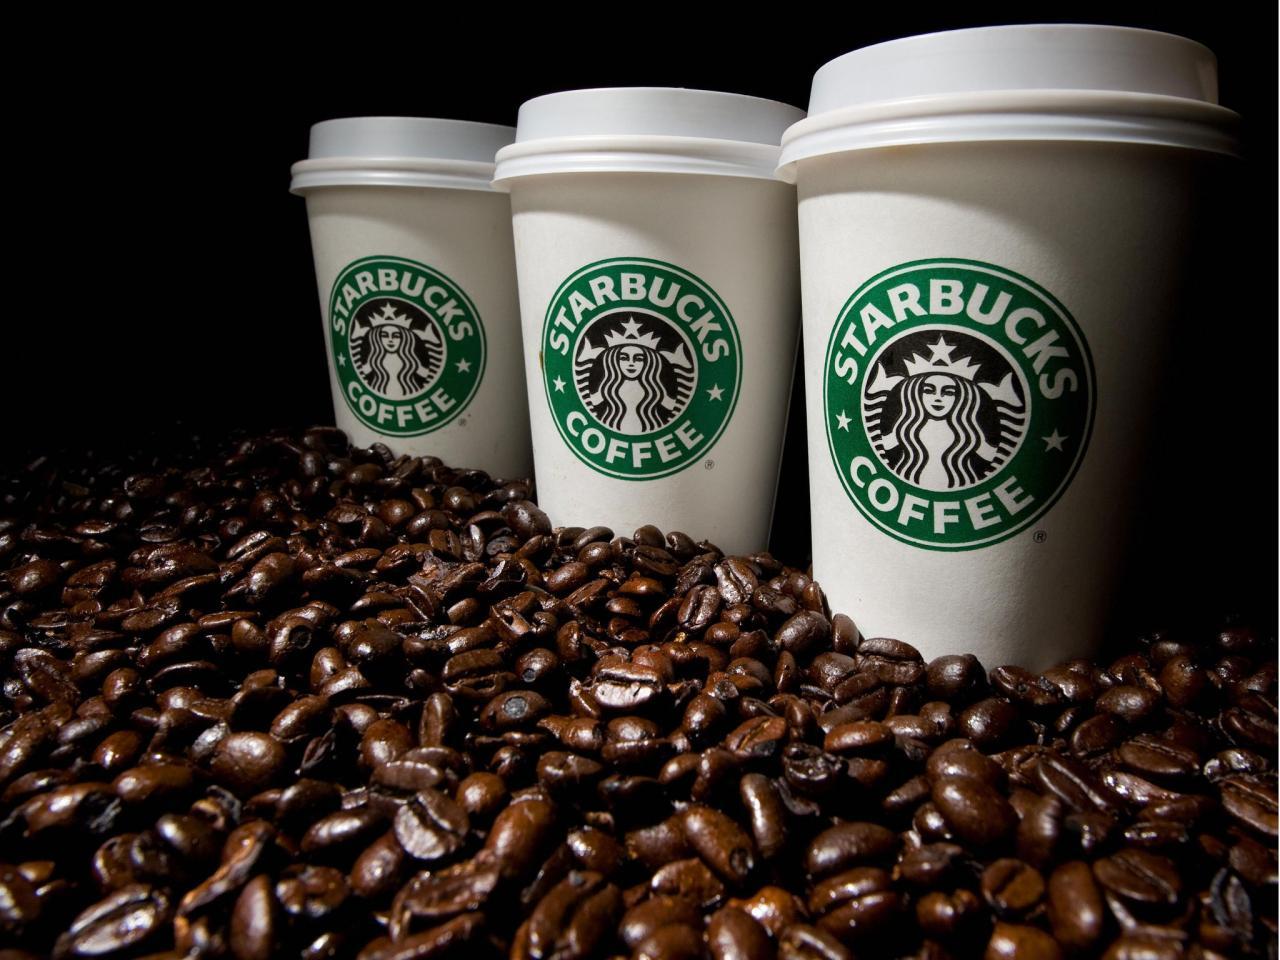 Los cafés de Starbucks son un cóctel de veneno